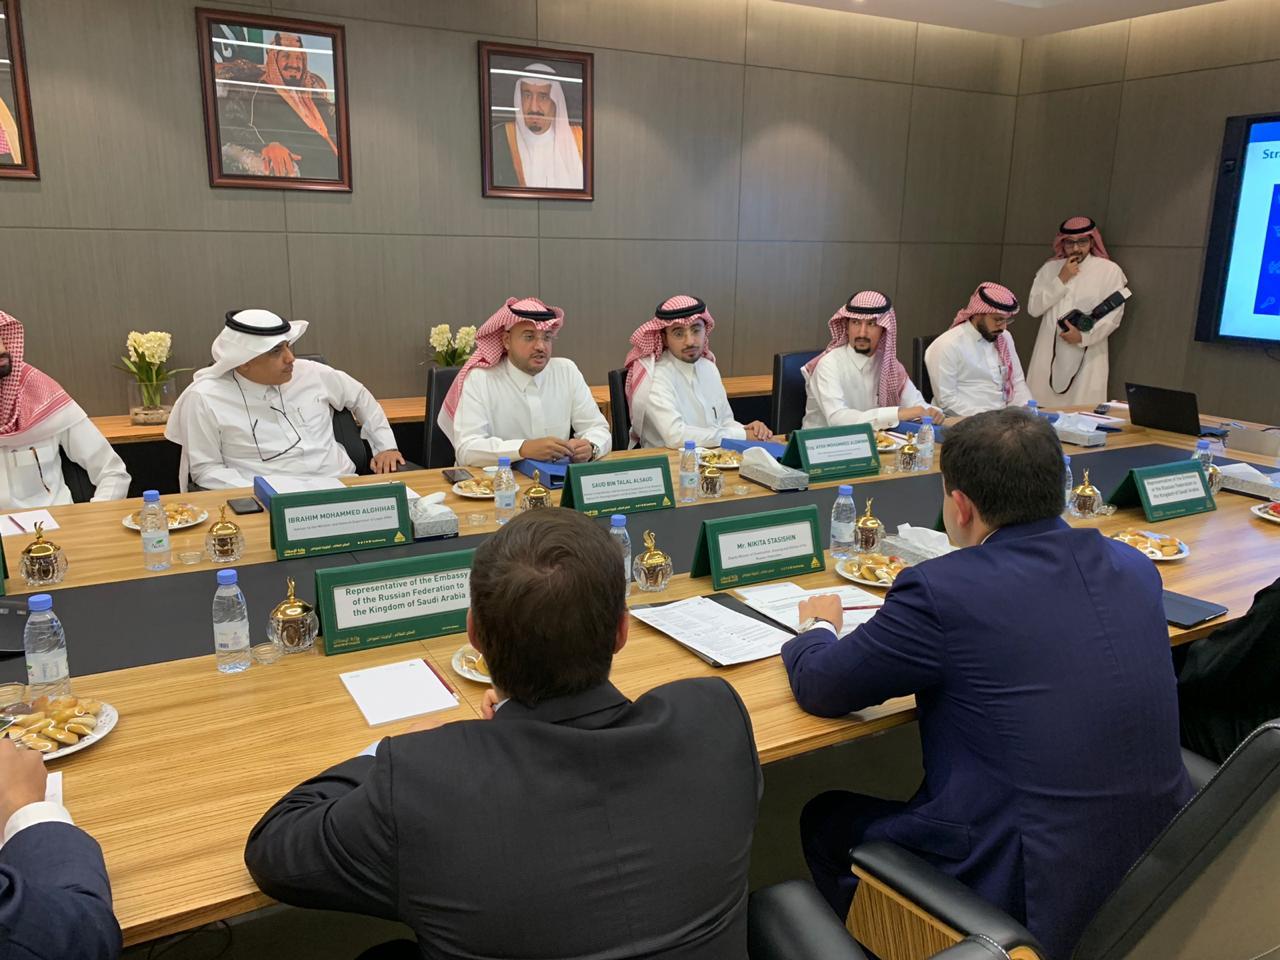 Минстрой России и власти Королевства Саудовская Аравия обсудили возможности <br>для сотрудничества